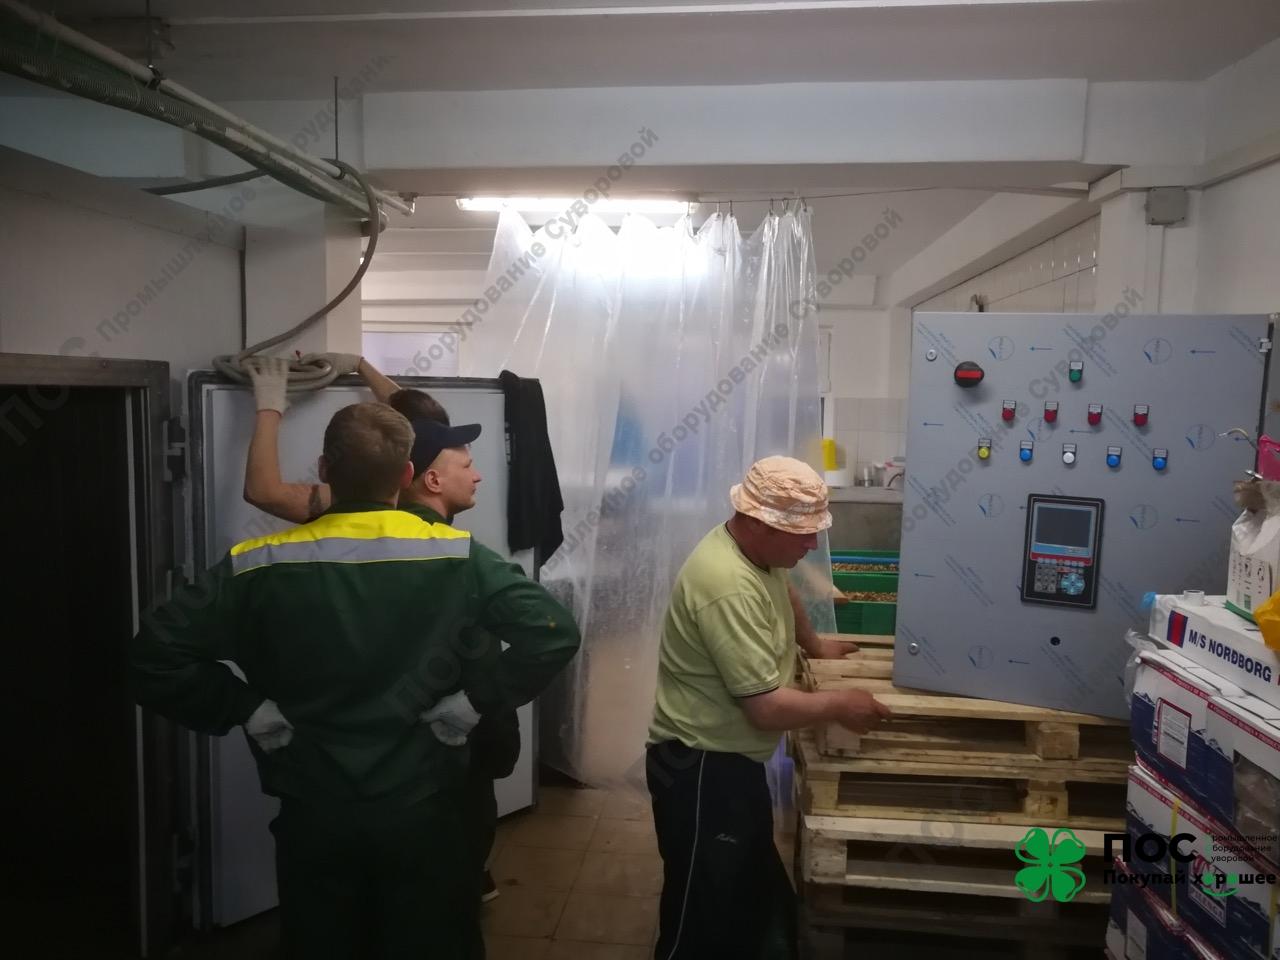 15.05.2018/ В мае 2018 года на рыбозаводе в ГолициноМосковской области был введен в эксплуатацию дефростер для рыбы, икры и морепродуктов.